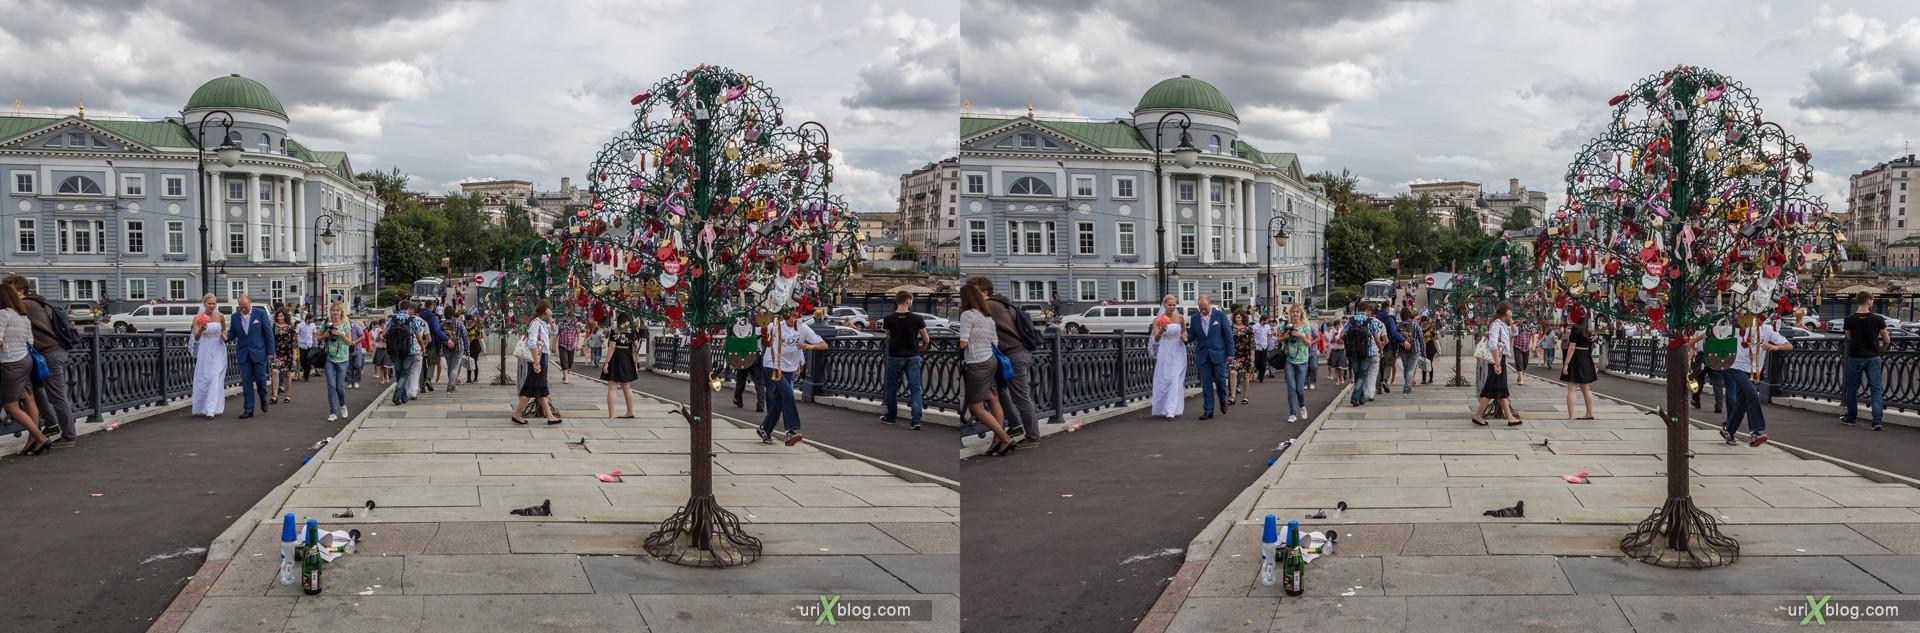 2013, Лужков мост, Москва, Россия, 3D, перекрёстные стереопары, стерео, стереопара, стереопары